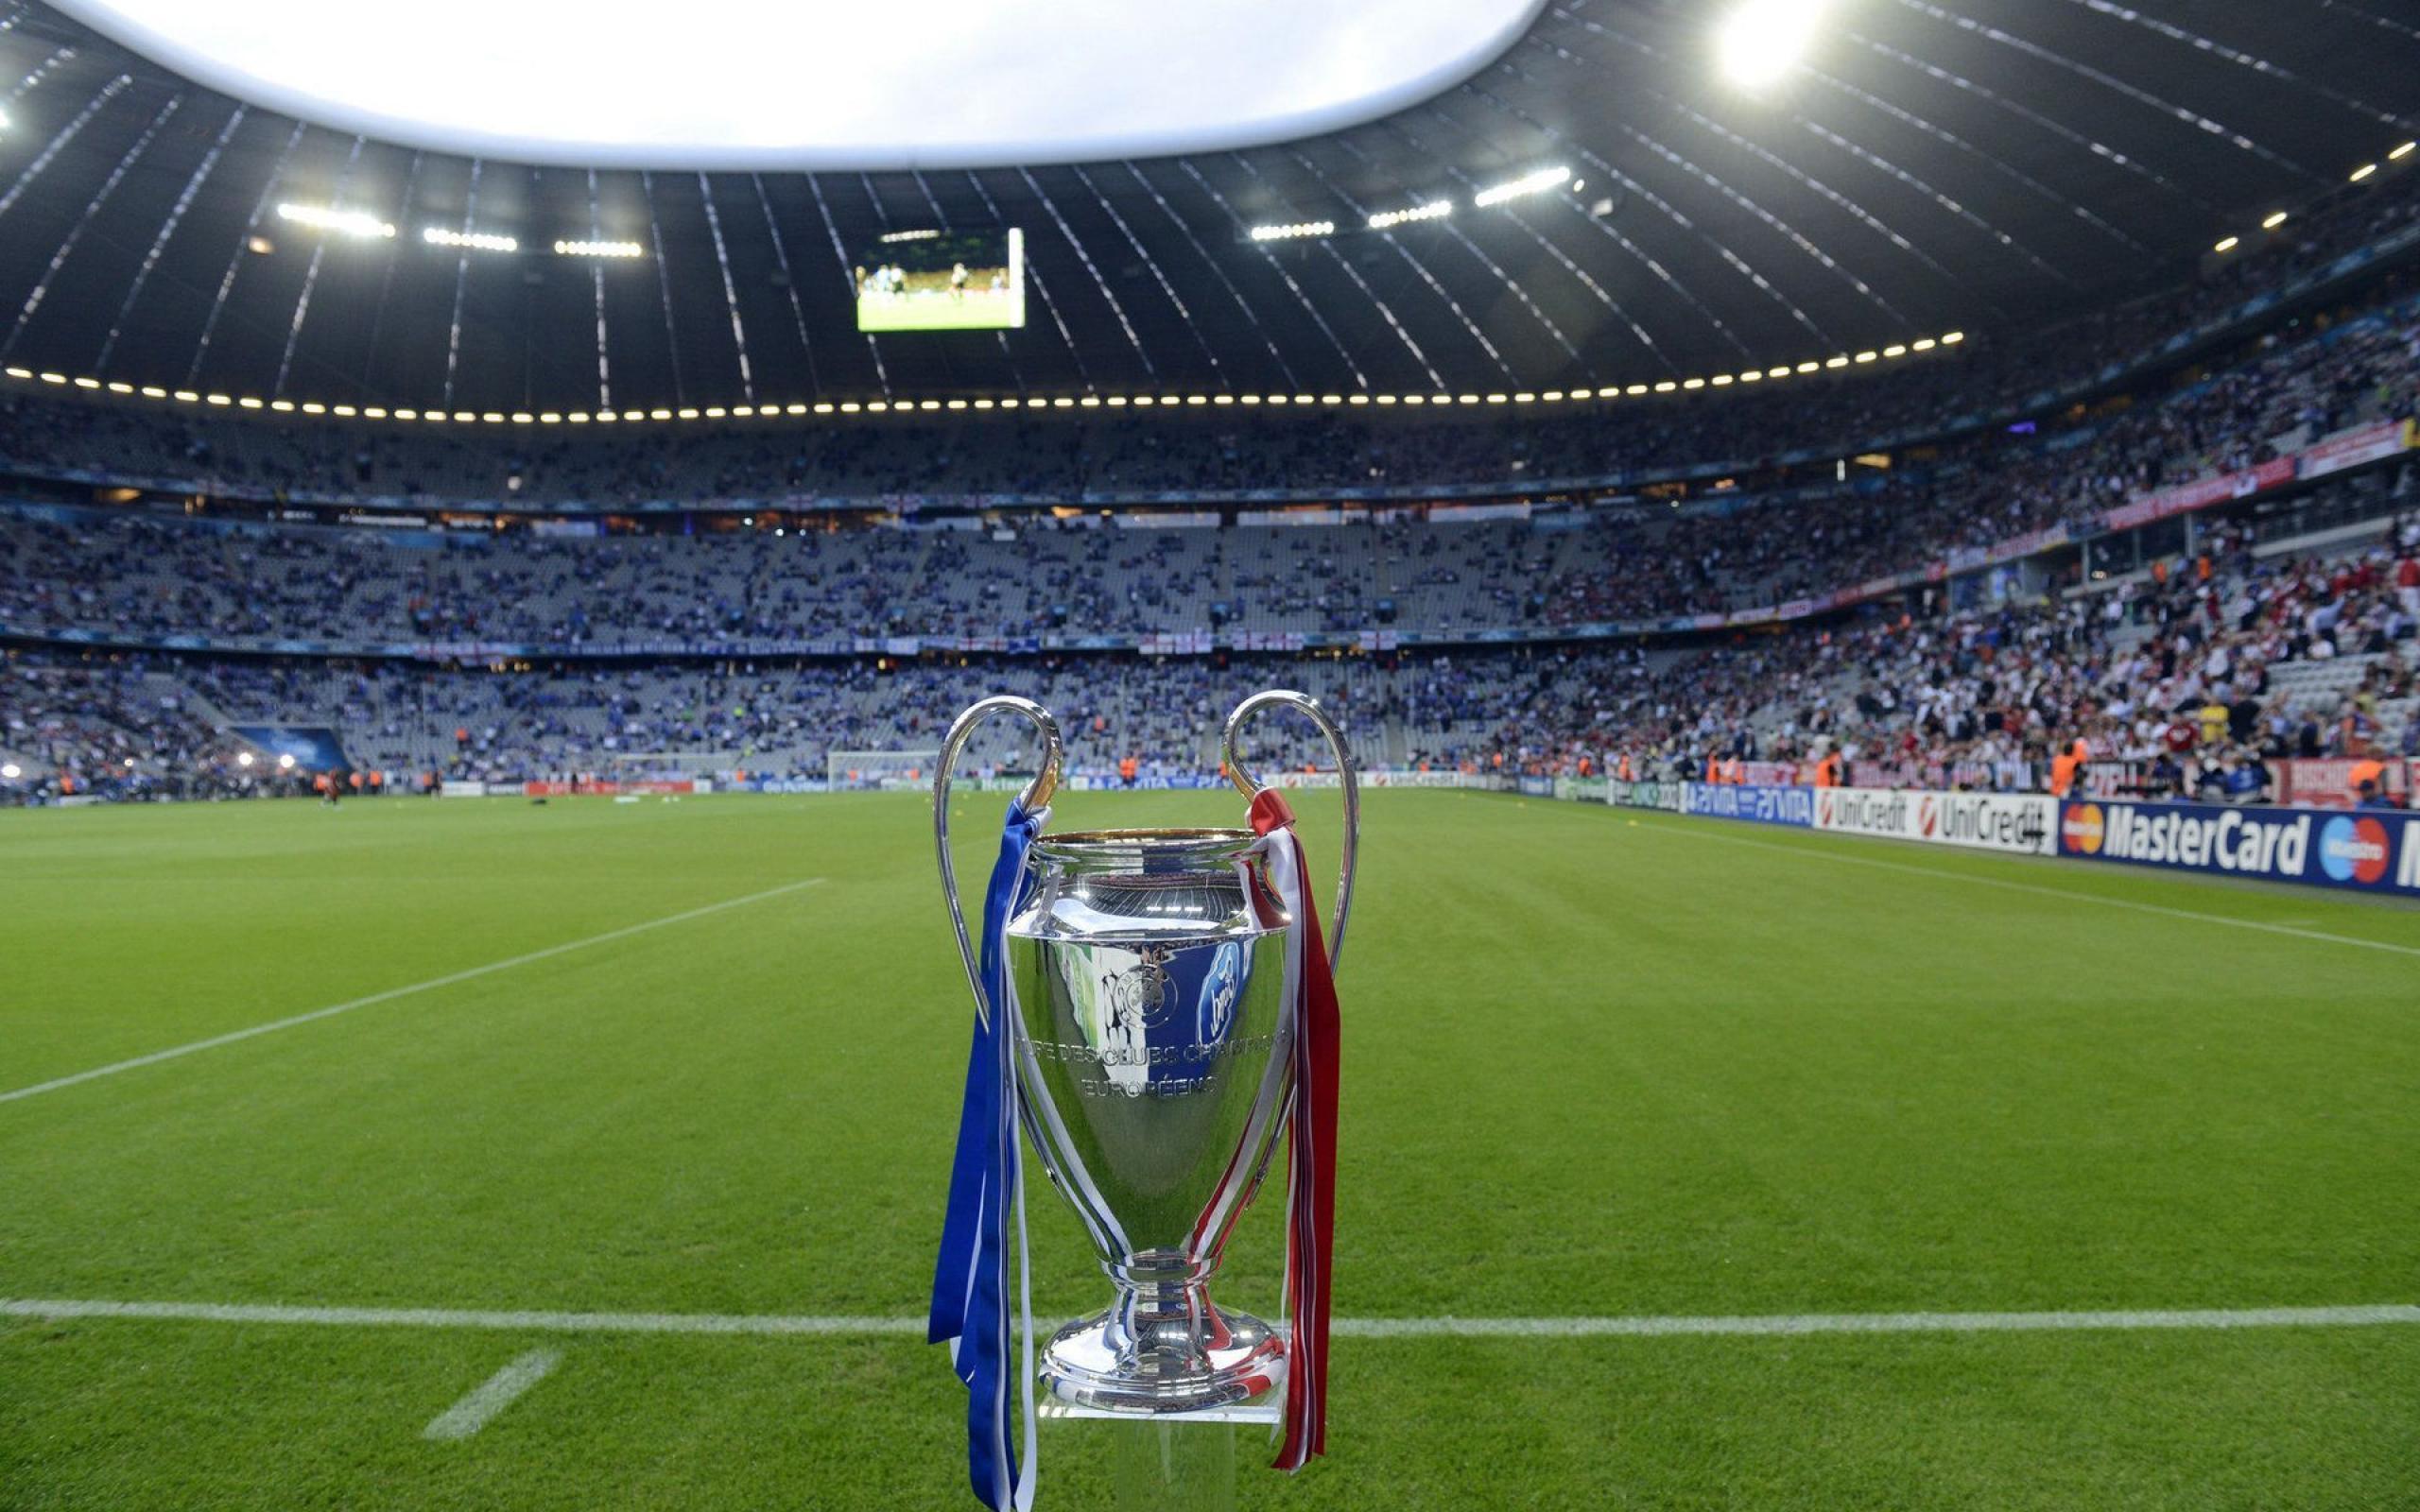 жеребьевка лиги чемпионов Hd: Кубок Лиги чемпионов обои для рабочего стола, картинки и